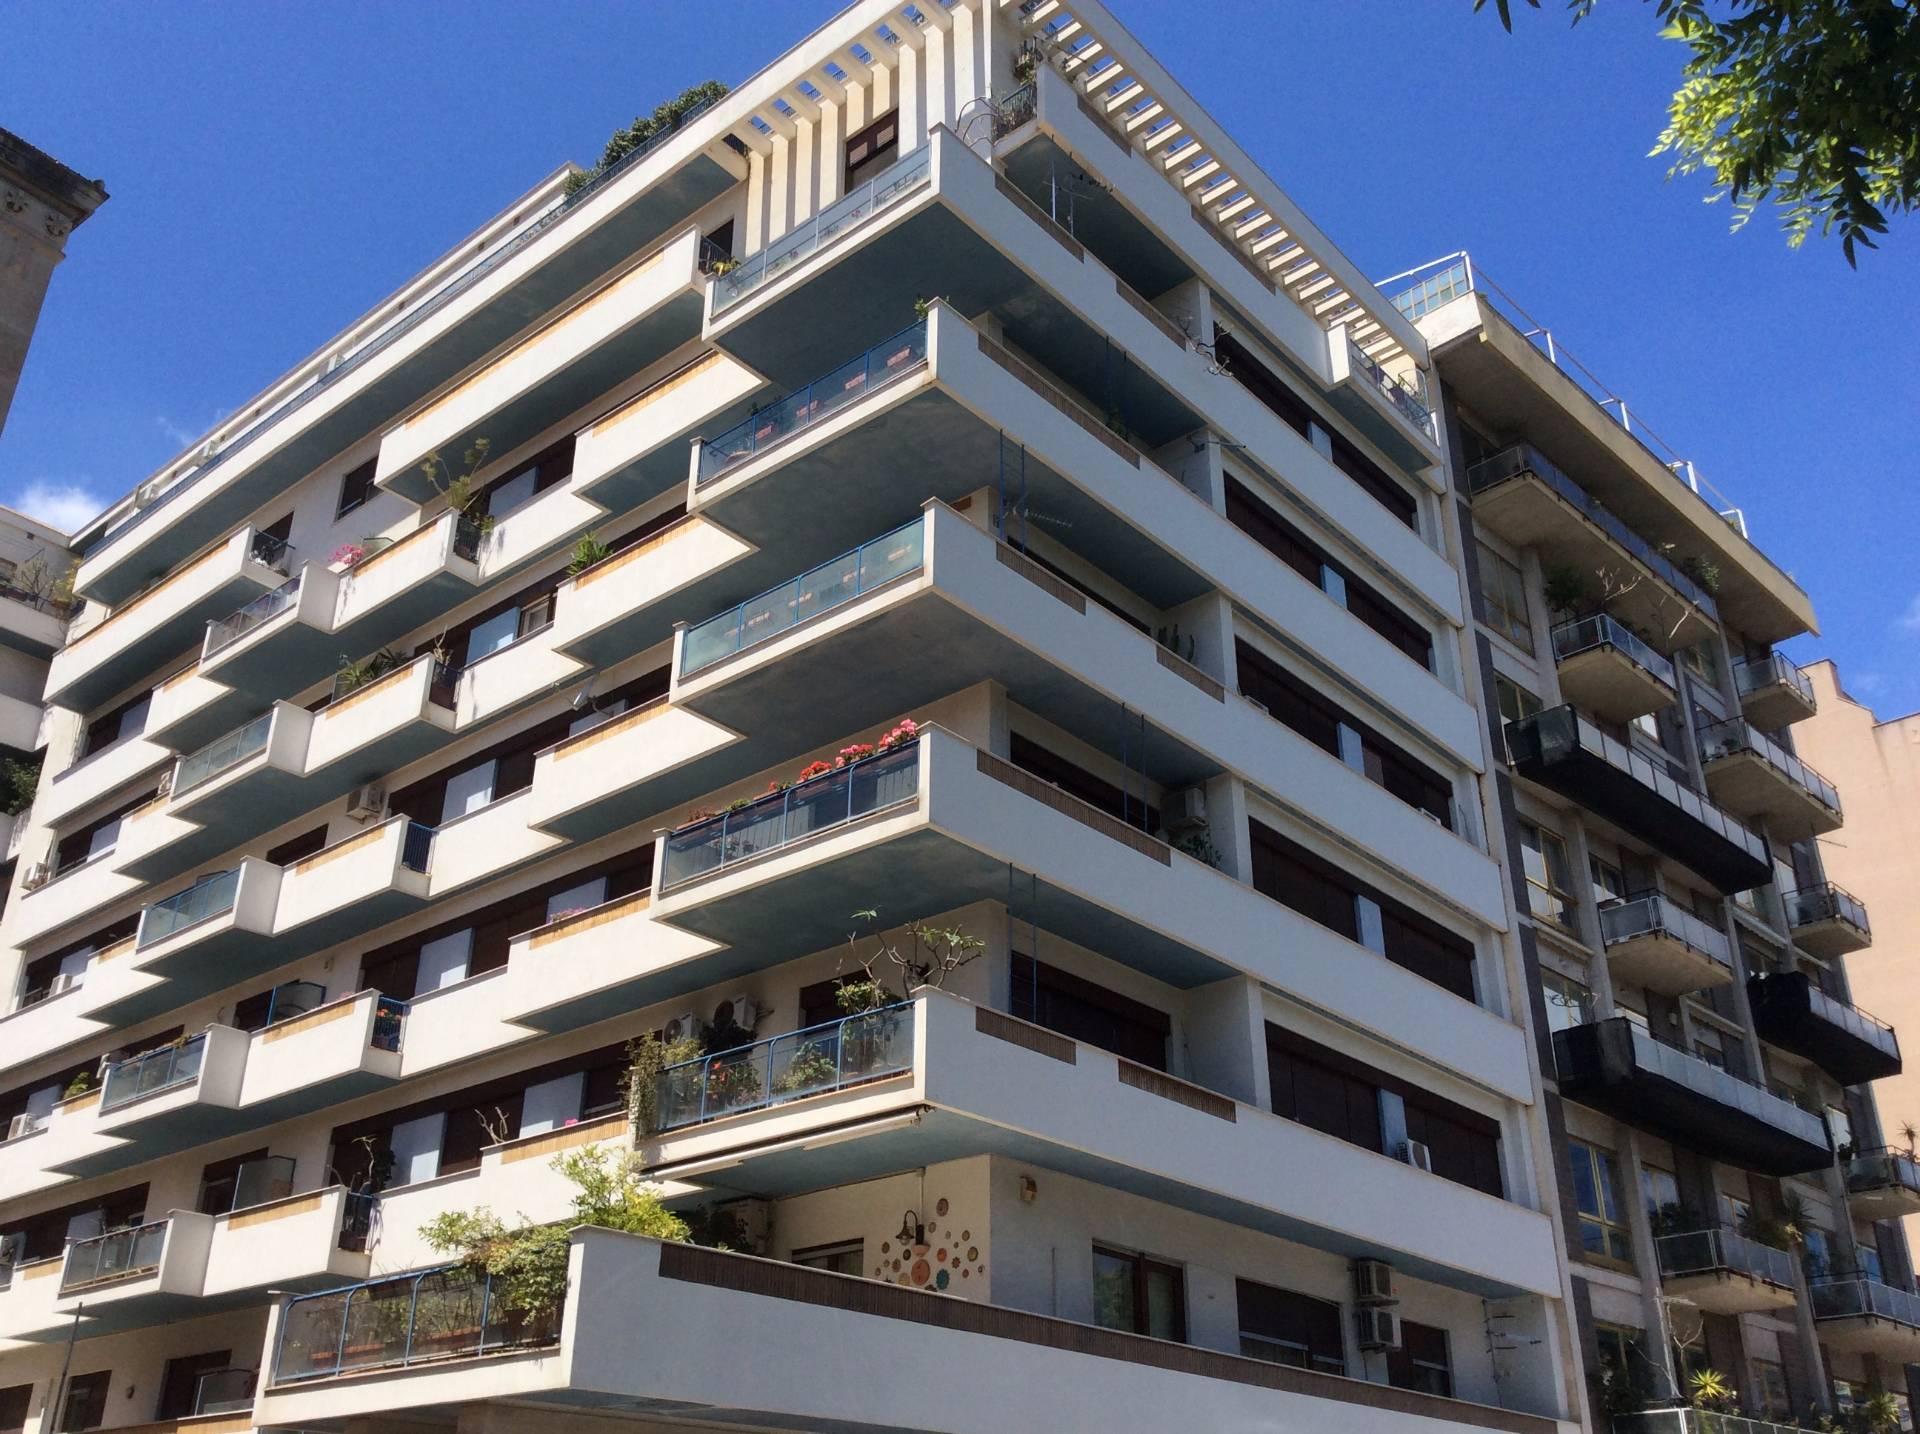 Appartamento in vendita a Palermo, 6 locali, zona Zona: Libertà, prezzo € 450.000 | Cambio Casa.it